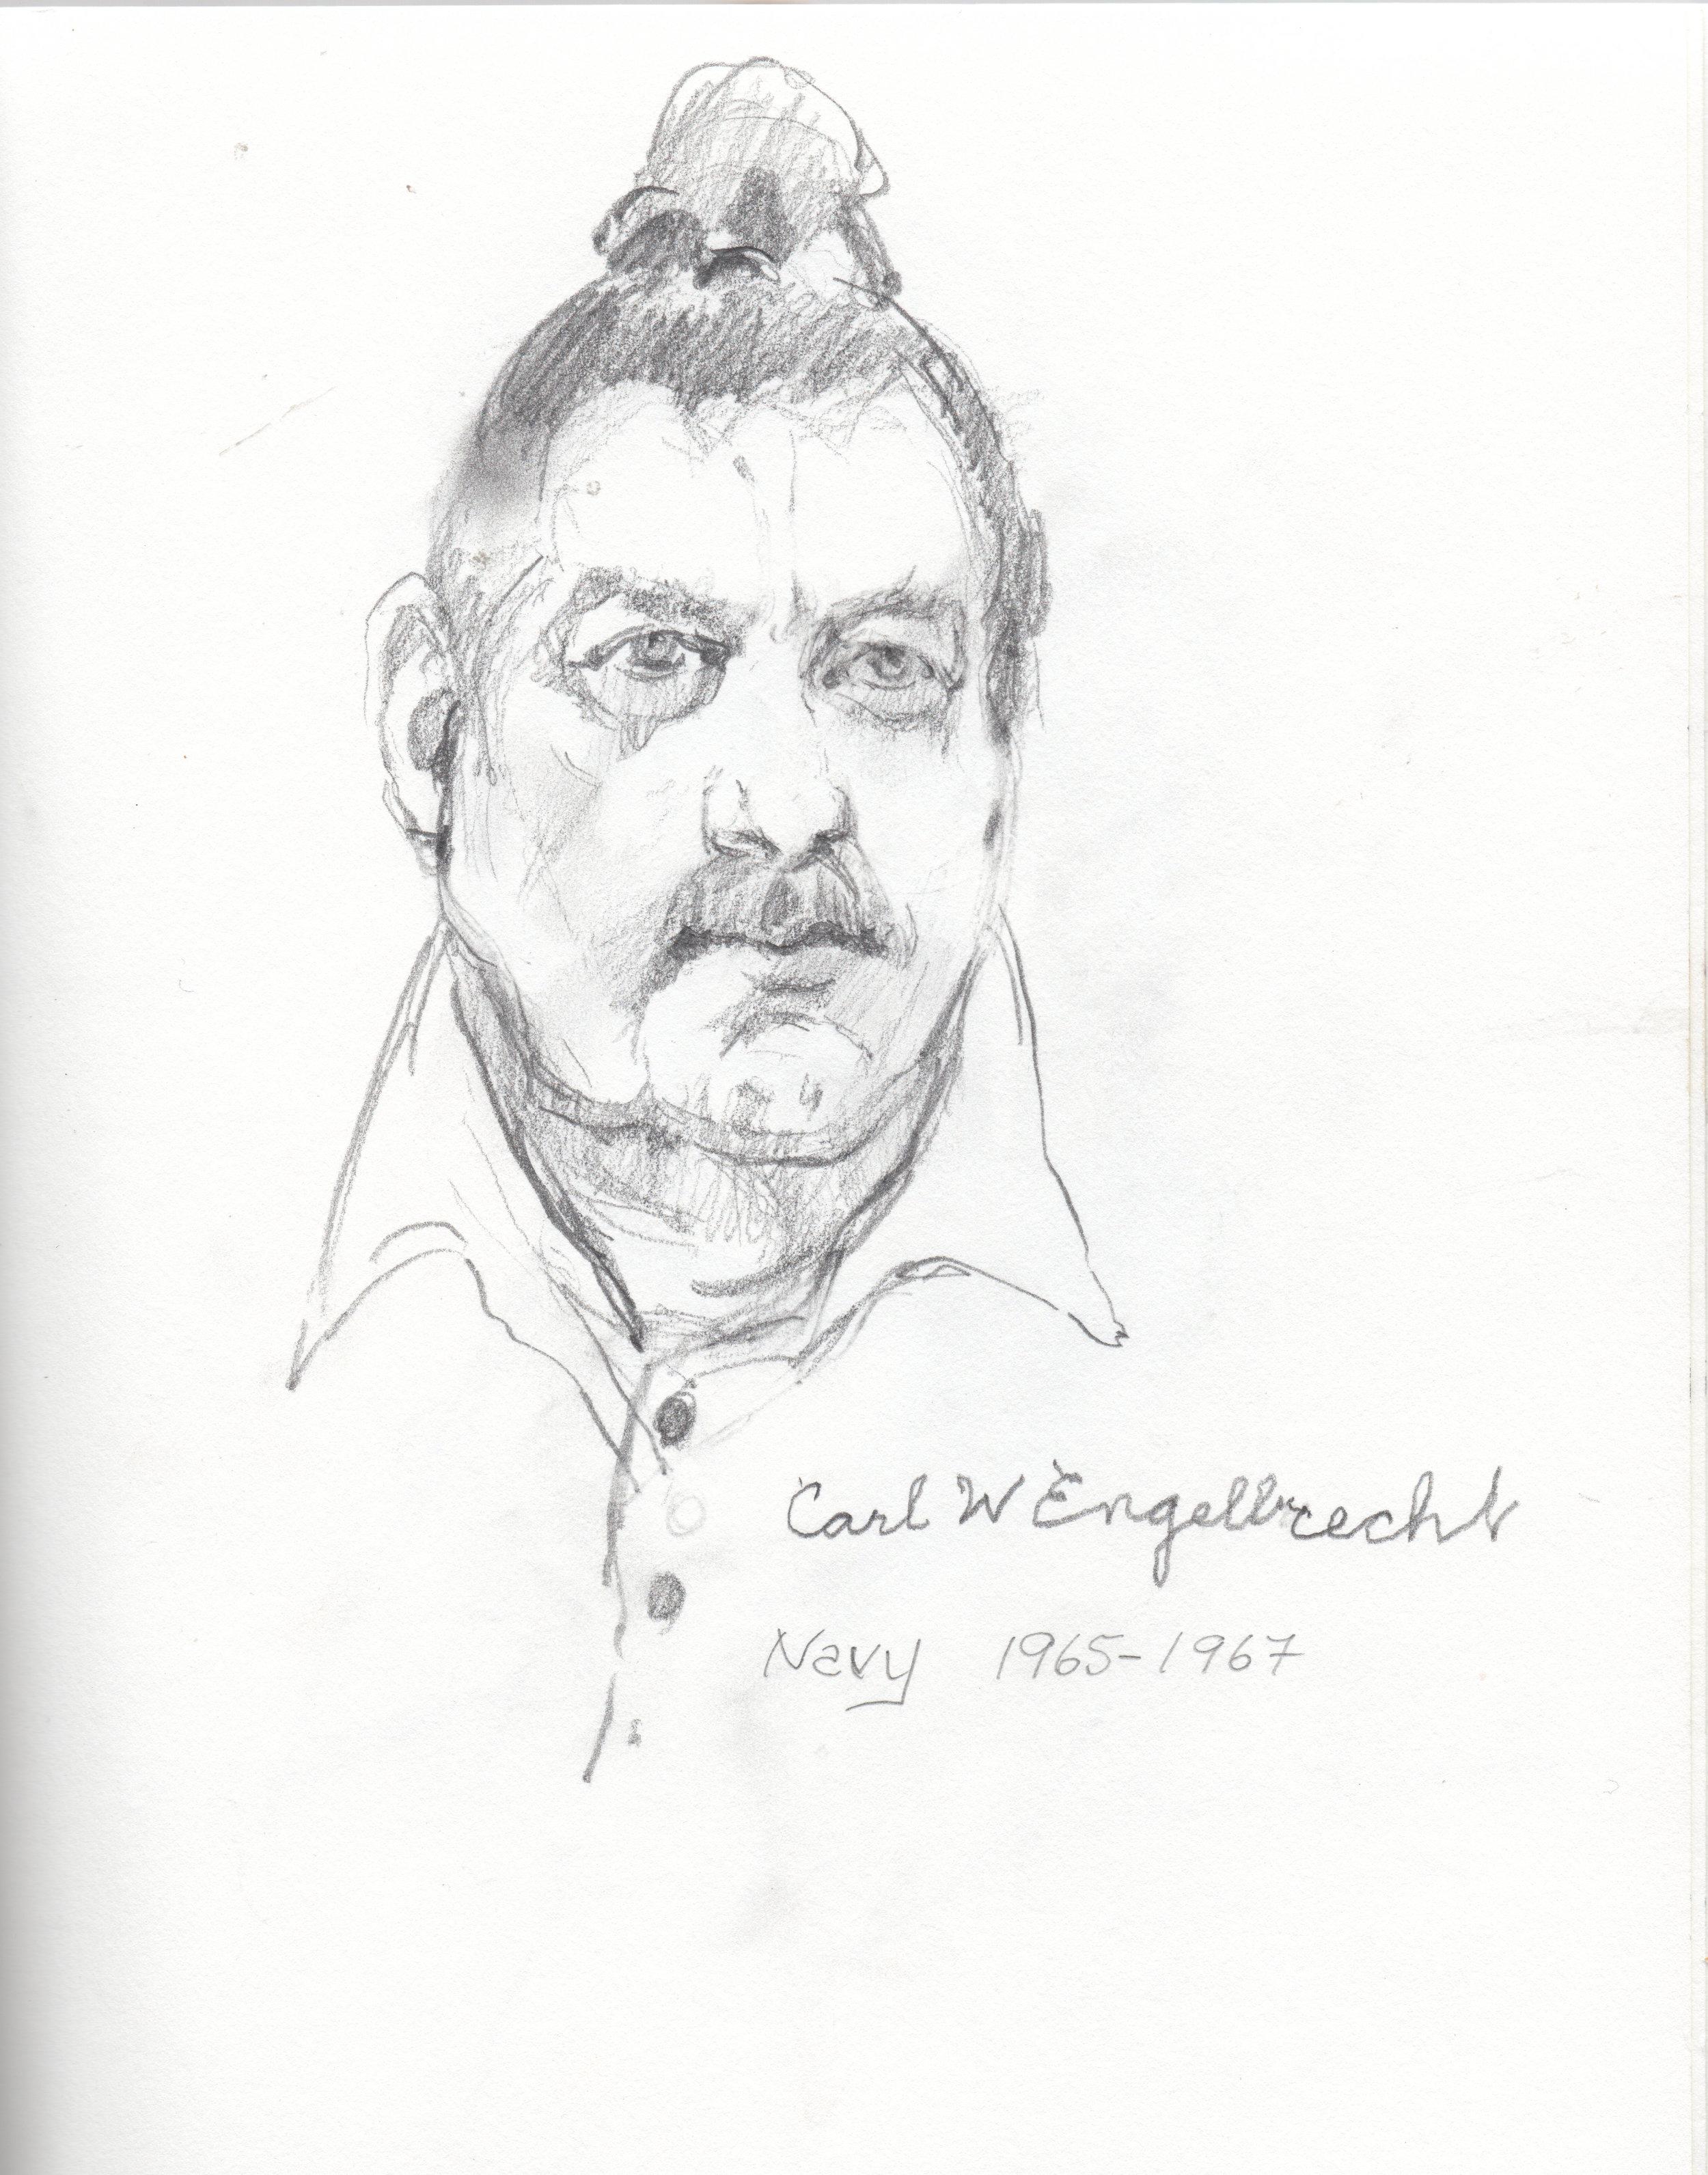 Carl Engelbrecht